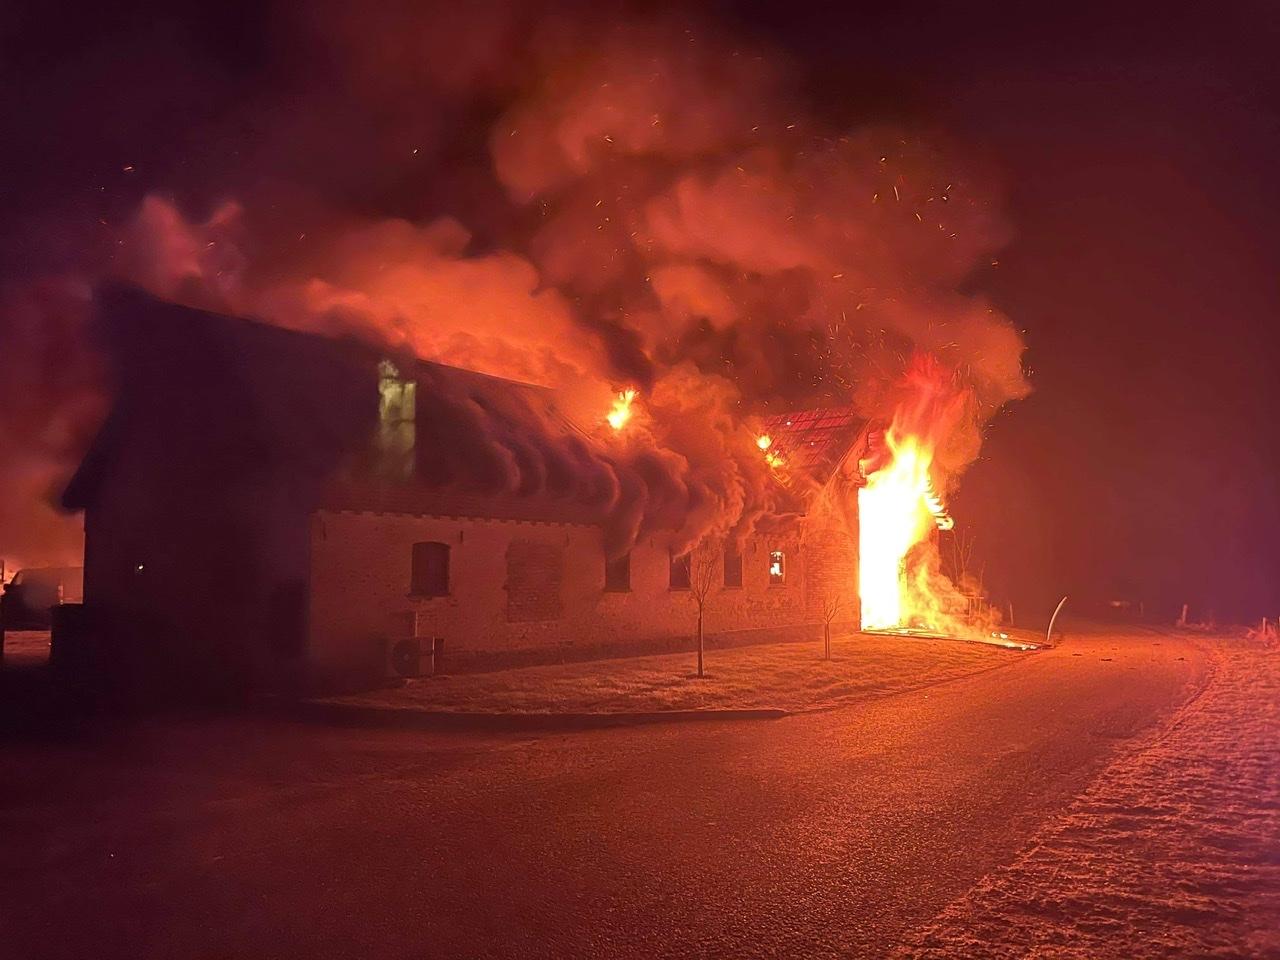 Kæmpe brand i Bindslev - bygning nedbrænder